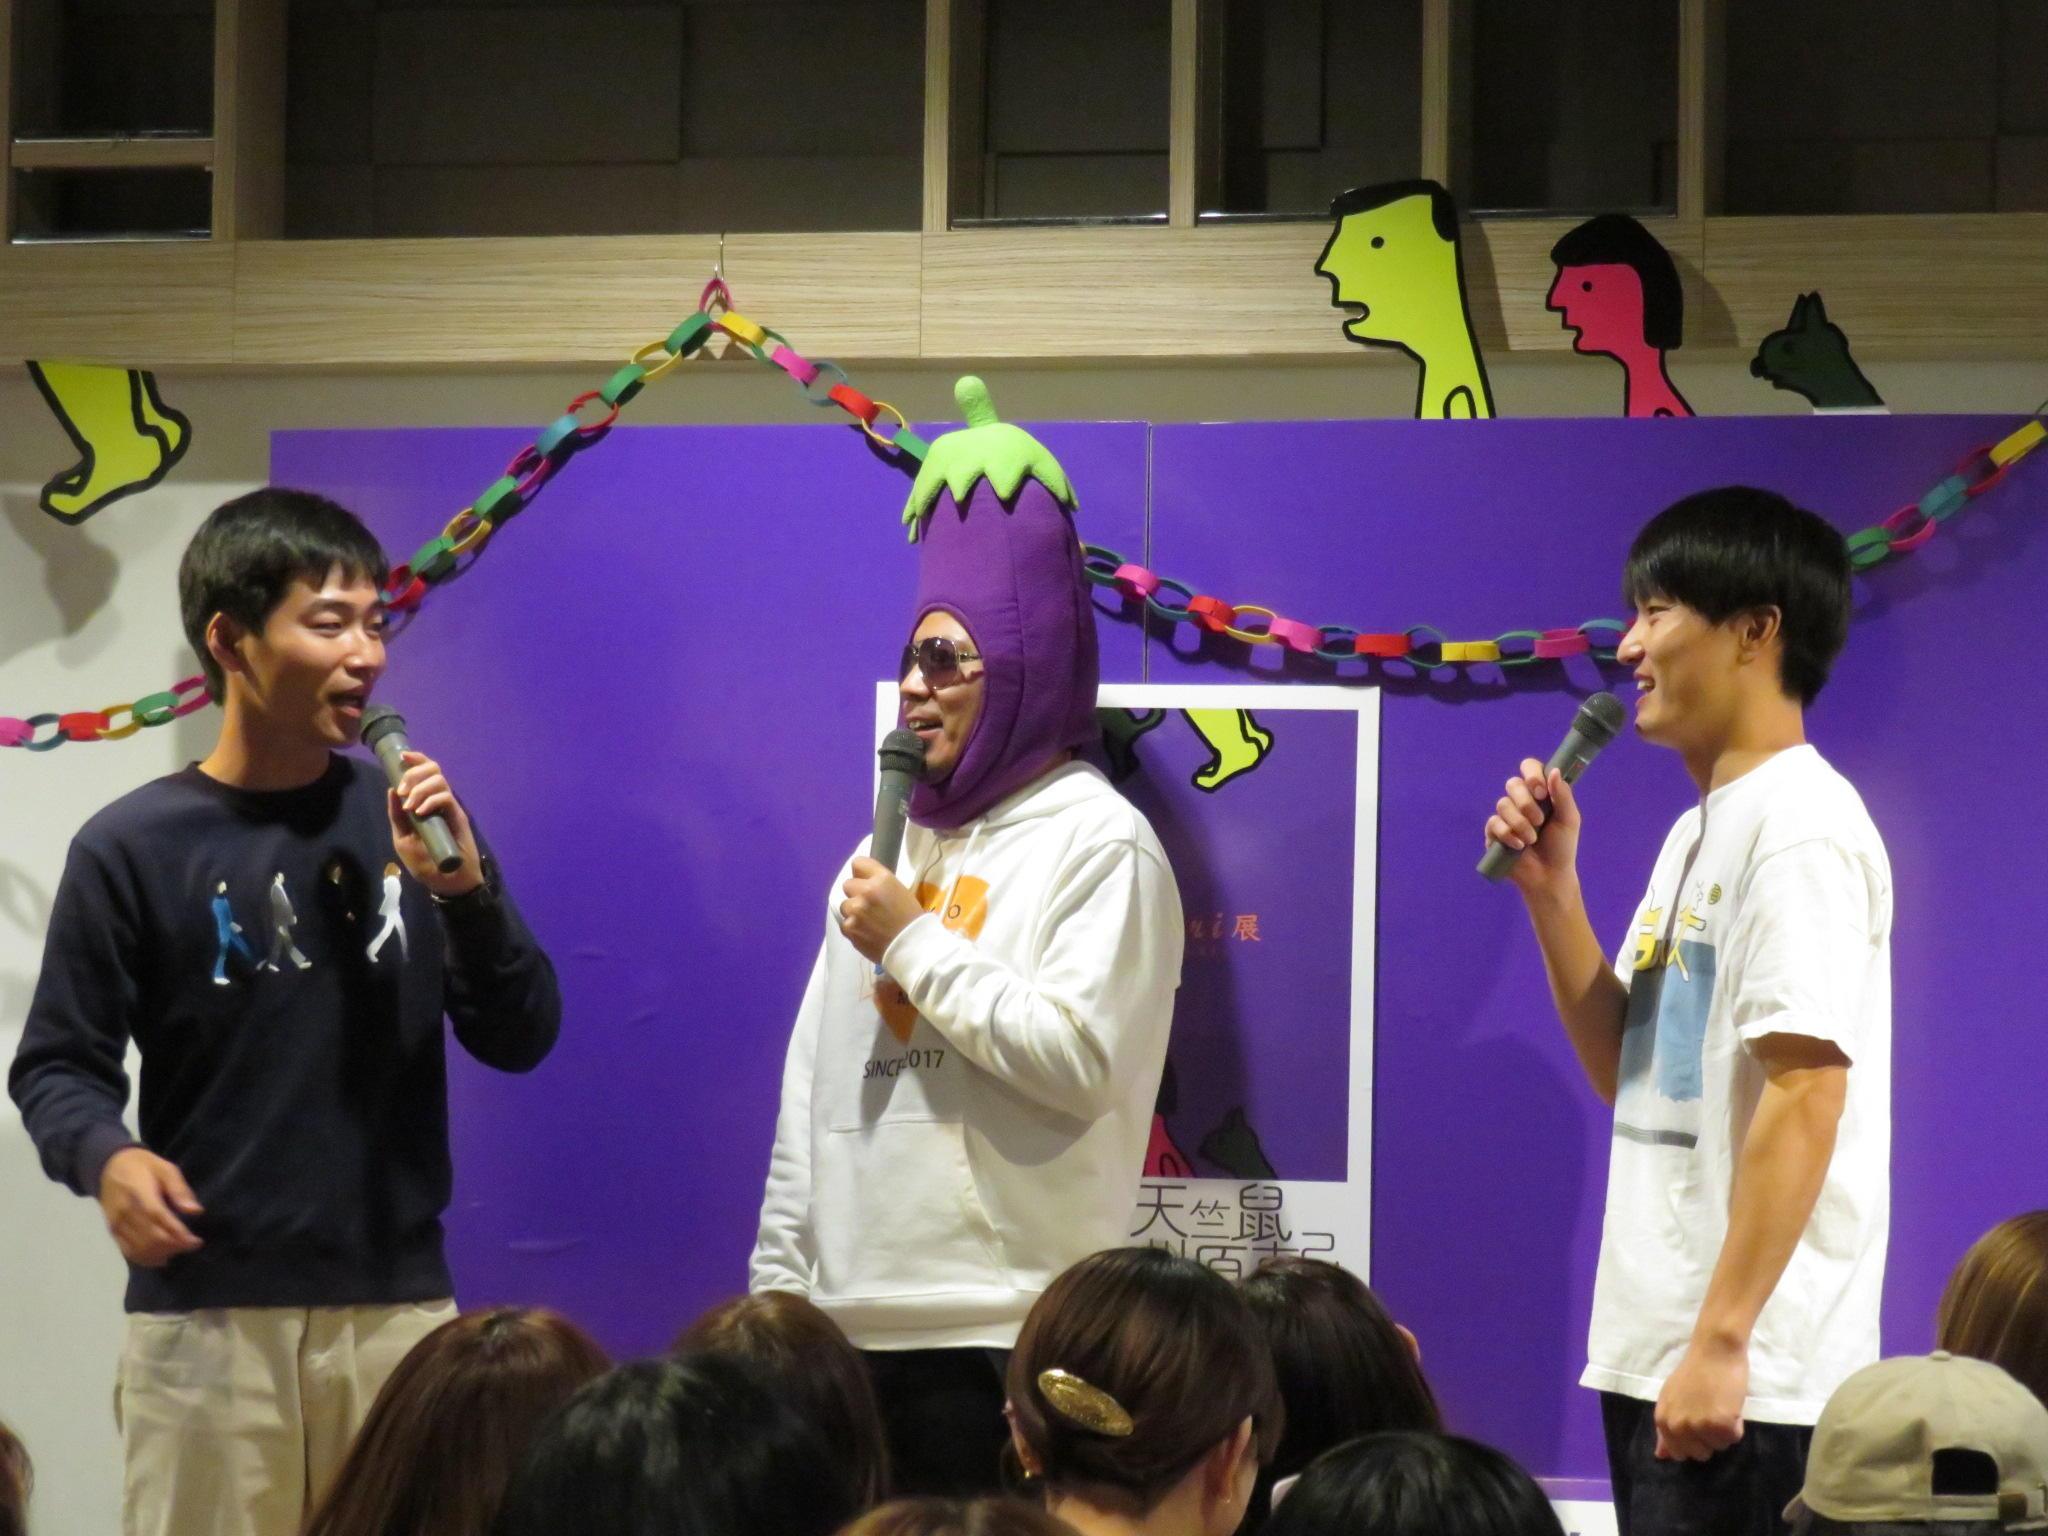 http://news.yoshimoto.co.jp/20190201193103-e4086248ebd9c92fed1b08f56d59489429ce0ff2.jpg